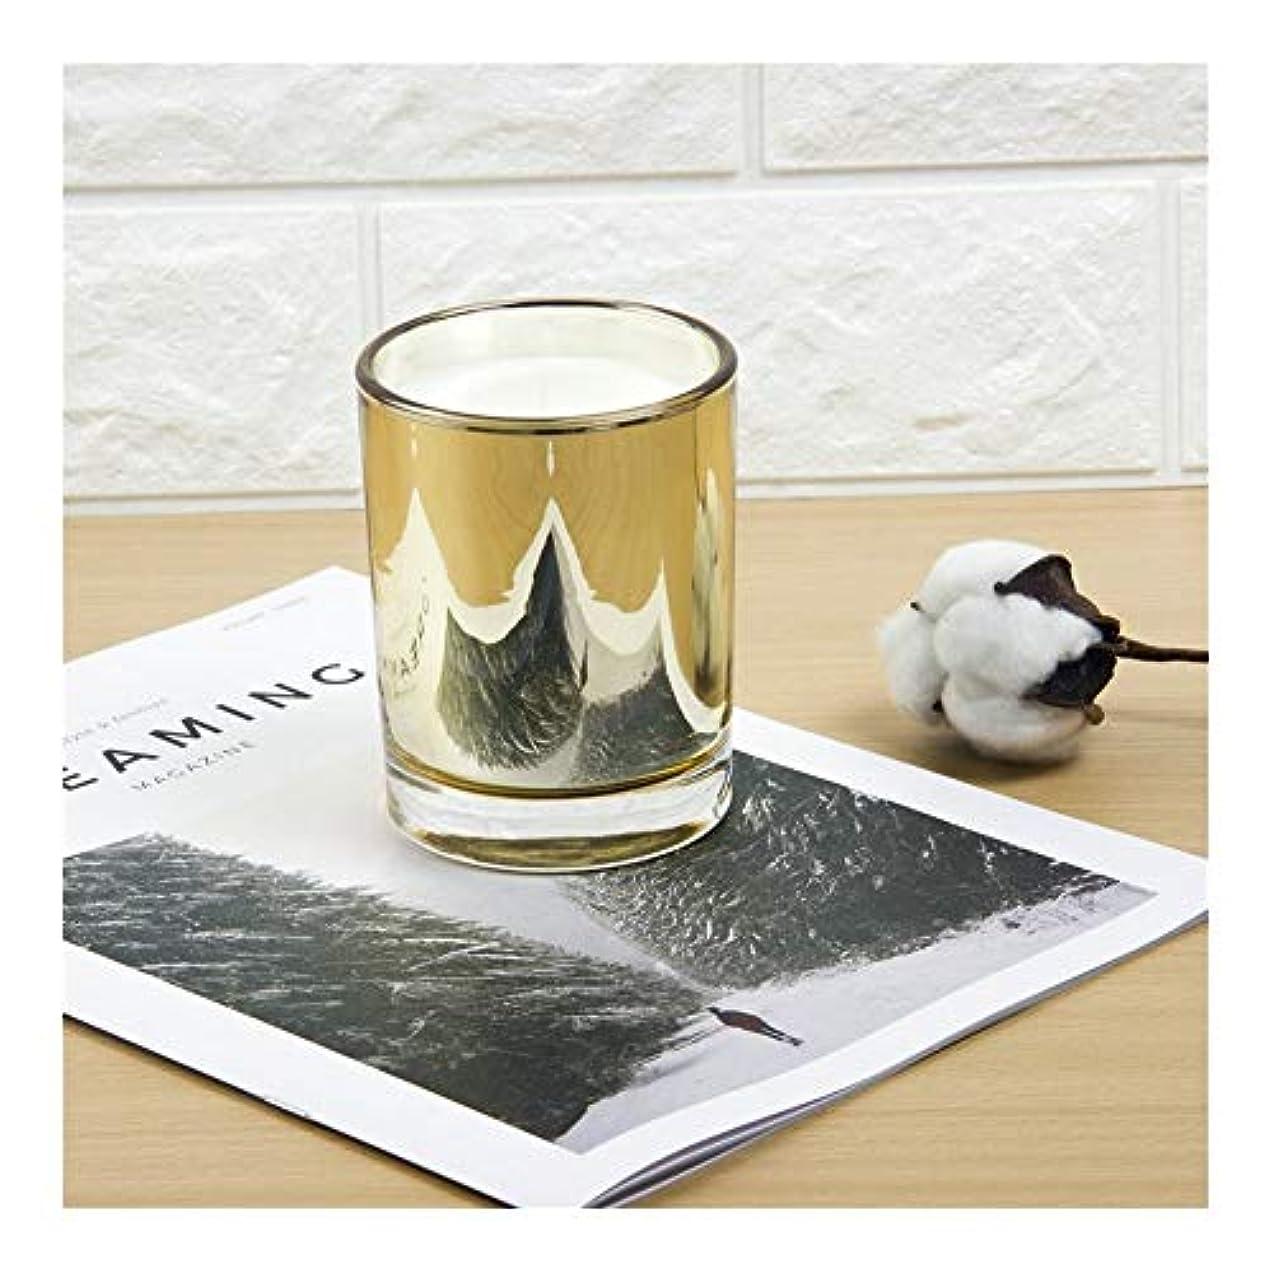 成果ランプ復活するACAO ゴールドカップキャンドル大豆アロマセラピーパーティーキャンドル誕生日プレゼント植物キャンドル